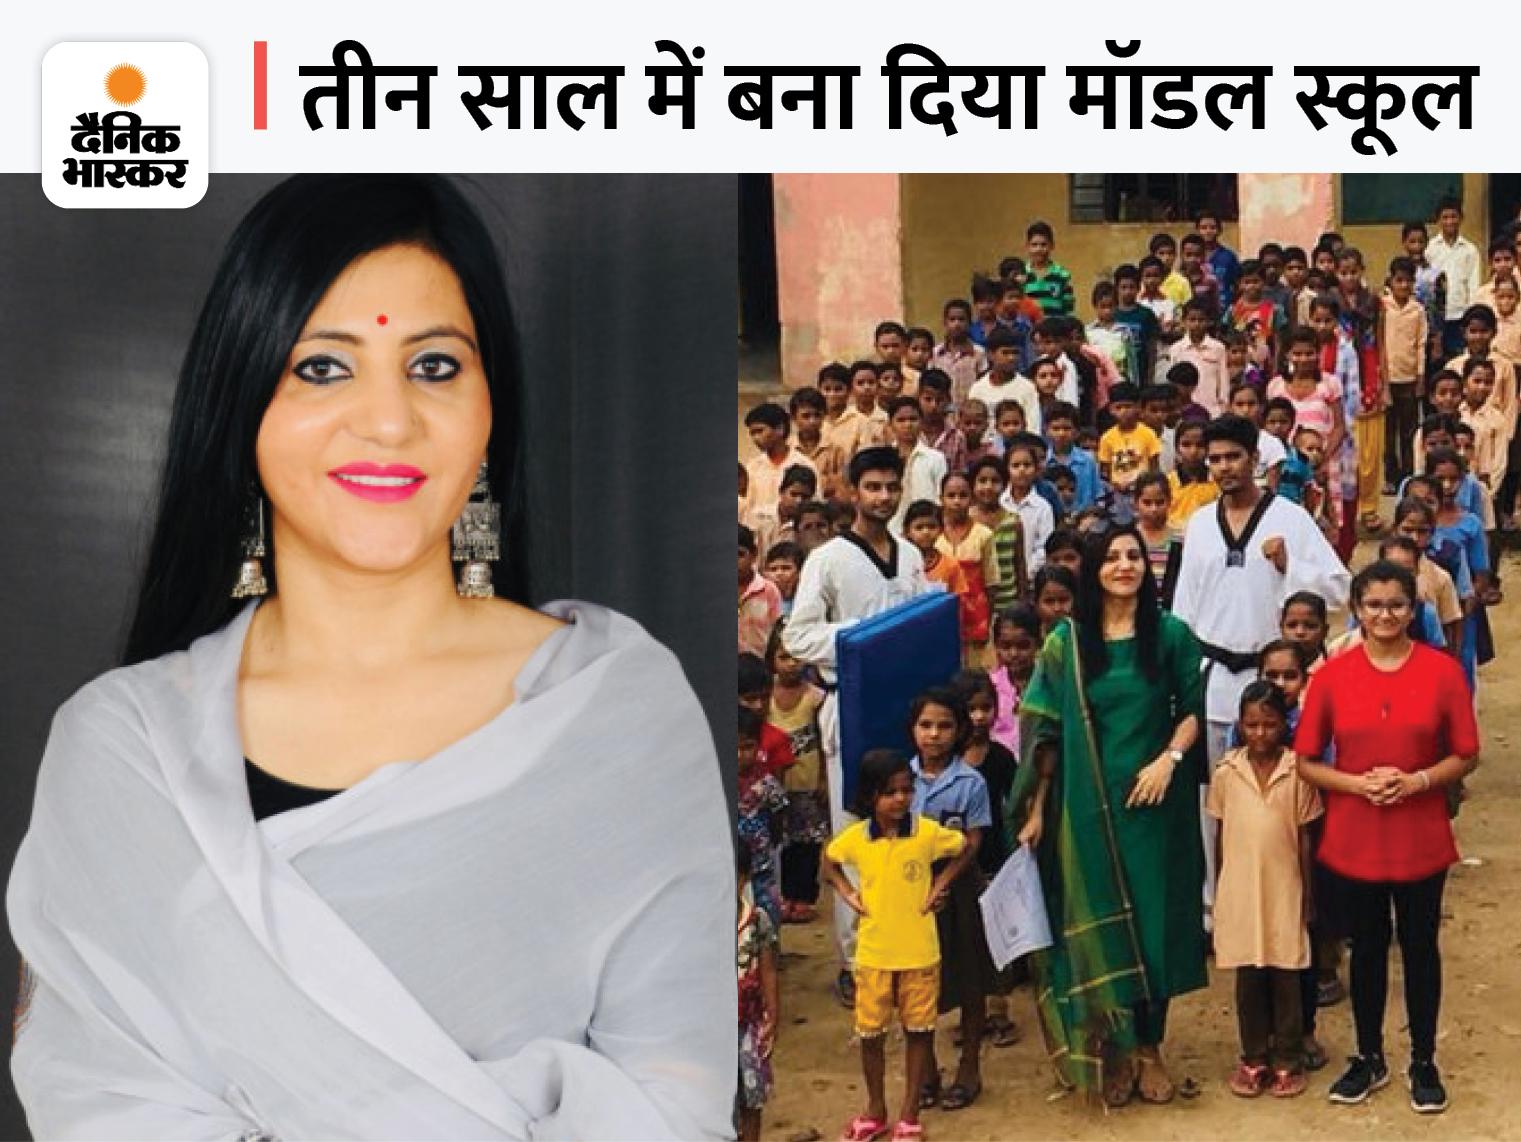 महिला टीचर जिसने 70 साल से जर्जर पड़े स्कूल को बदला, लड़कियों को सेल्फ डिफेंस सिखाया|जयपुर,Jaipur - Dainik Bhaskar